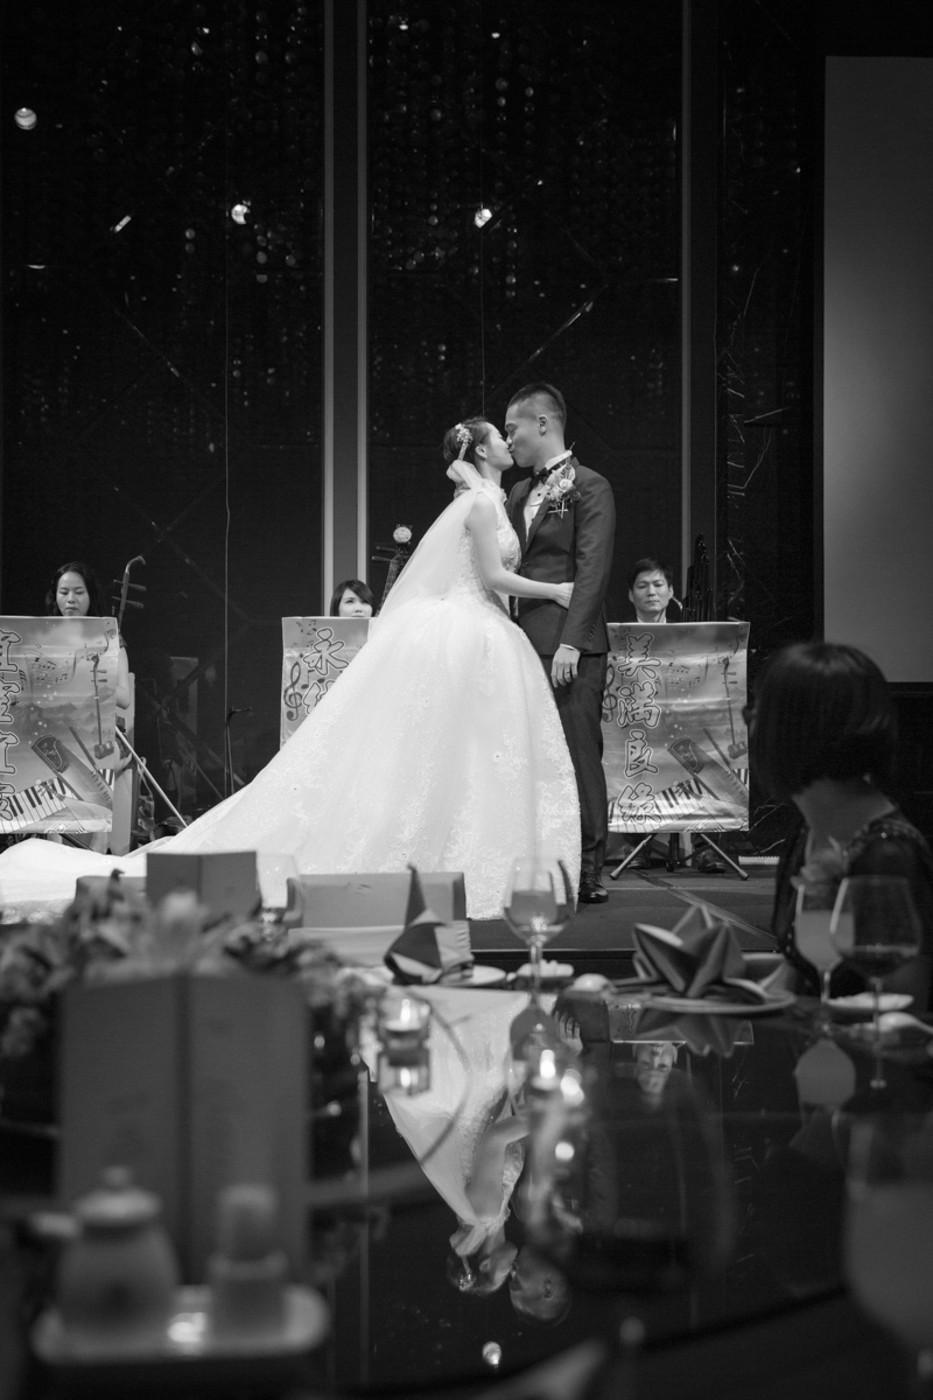 「KAI 婚礼纪实」一场来自宝岛台湾的婚礼38